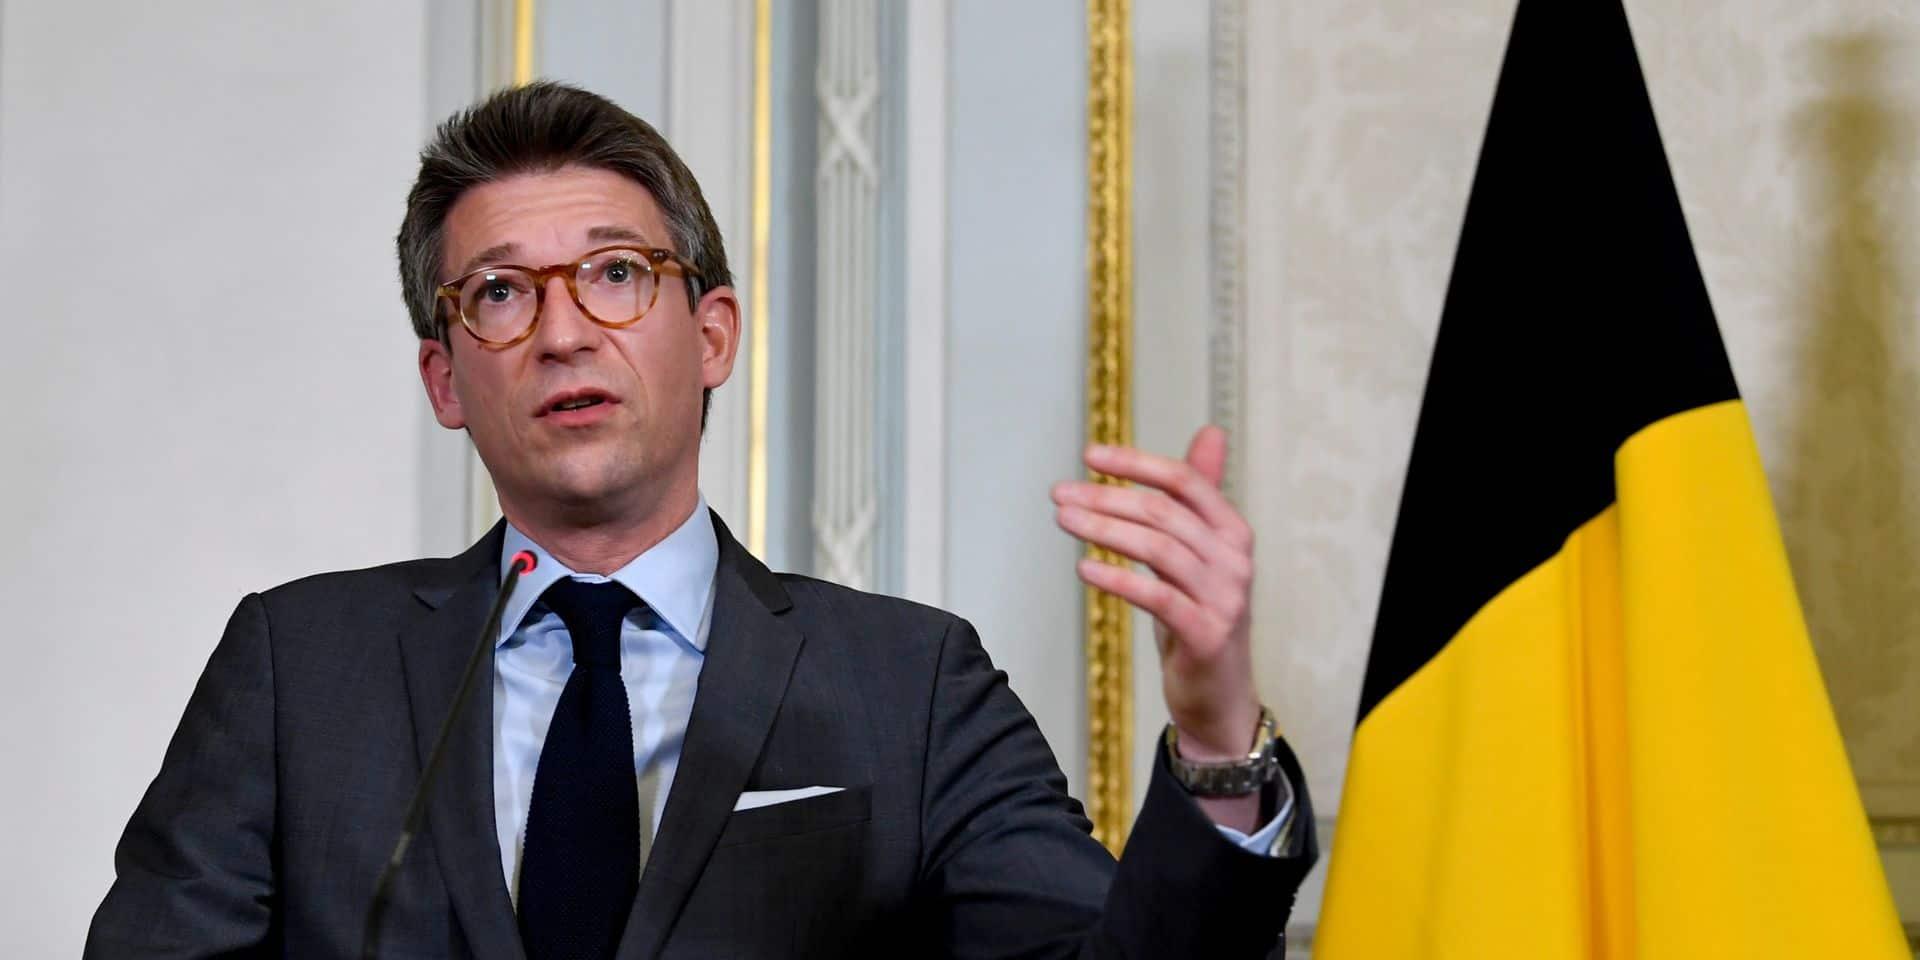 Négociations salariales: Dermagne veut laisser du temps à la concertation